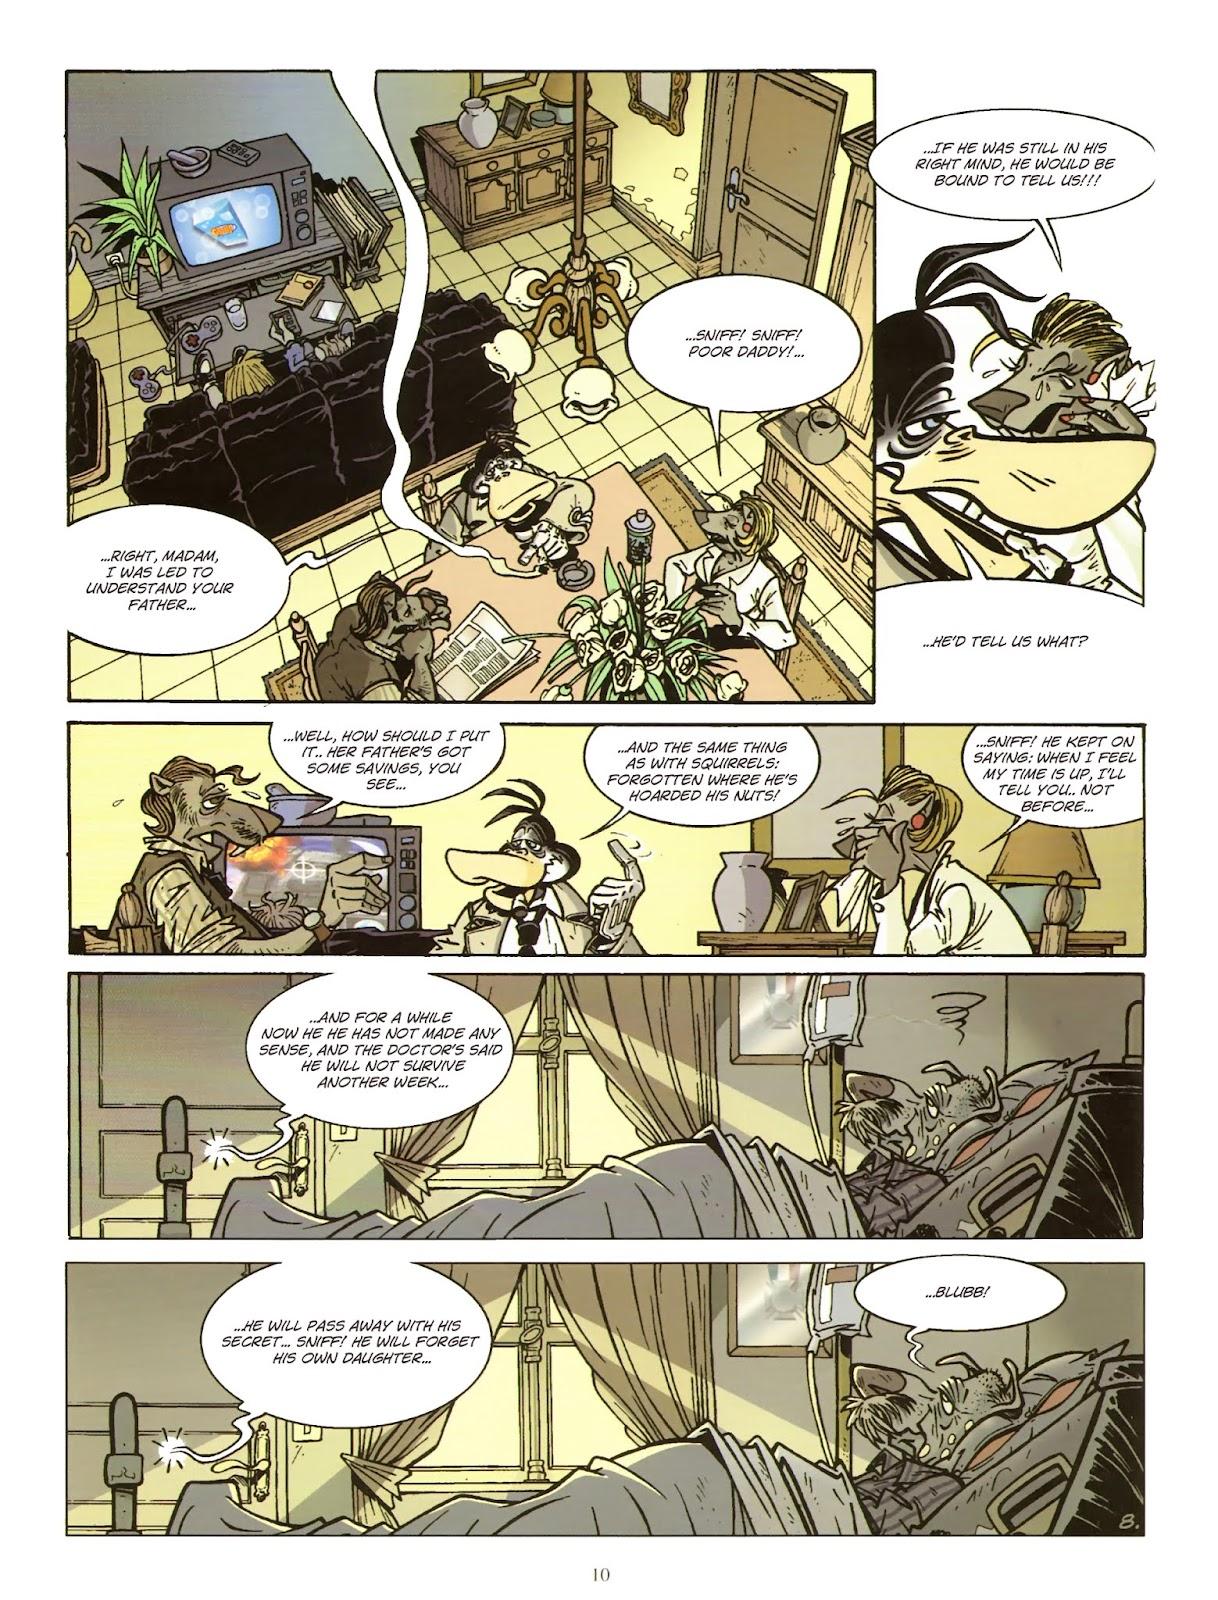 Une enquête de l'inspecteur Canardo issue 11 - Page 11